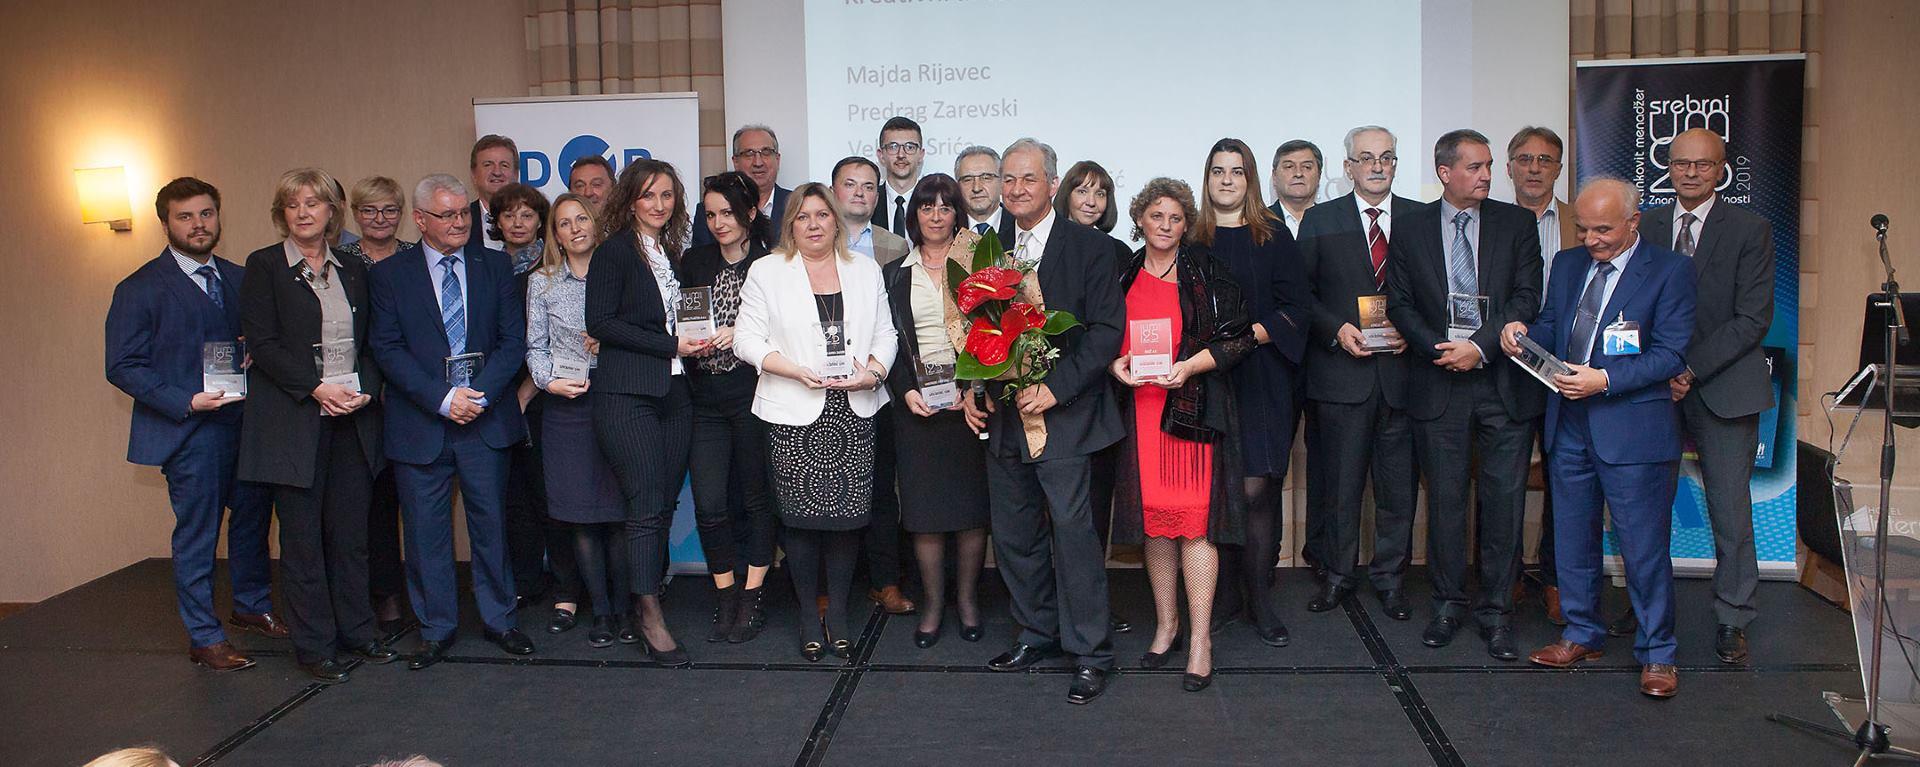 Davor Rostuhar i Đuro Horvat dobili Nagradu UM za afirmaciju i promicanje univerzalnih vrijednosti